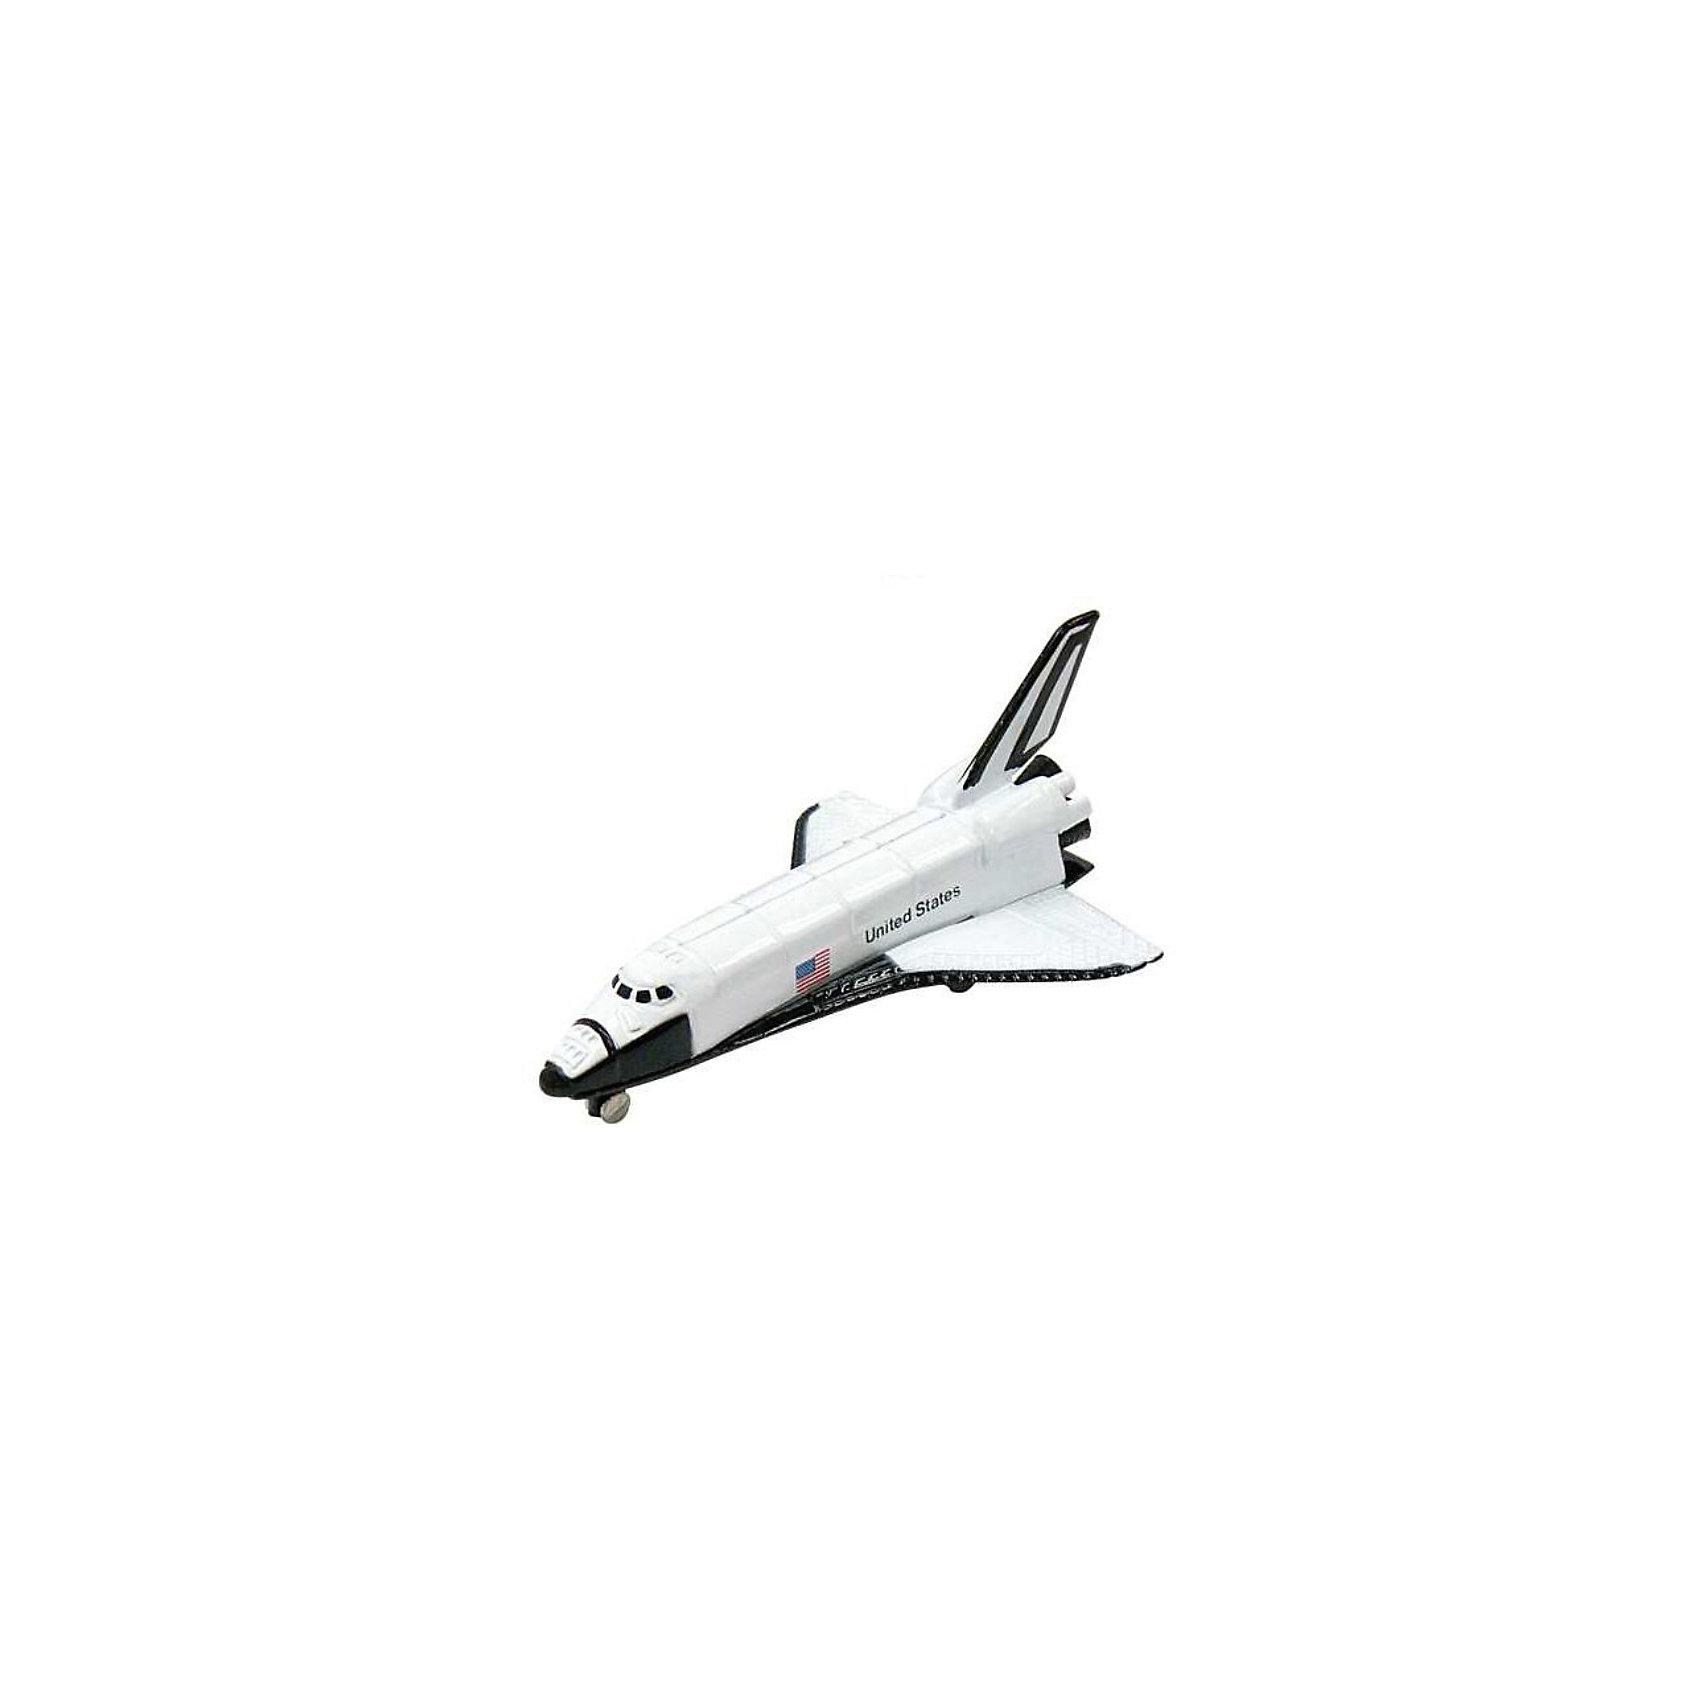 Космический корабль Space Shuttle,  MotormaxКоллекционные модели<br>Космический корабль Space Shuttle,  Motormax (Мотормакс) – это отличное пополнение коллекции авиационной техники.<br>Коллекционная игрушка космический корабль Space Shuttle от компании Motormax (Мотормакс) в точности повторяет контуры оригинального американского шаттла, чем вызовет неподдельный интерес, как у ребенка, так и взрослого коллекционера. Модель максимально приближена к своему прототипу. По сути это уменьшенная копия настоящего Шаттла, сохранившая его пропорции и узнаваемые элементы. Стоит также отметить хорошую для таких размеров детализацию. Модель изготовлена из прочного и качественного пластика, поэтому может использоваться и для обычной игры.<br><br>Дополнительная информация:<br><br>- Длина самолета: 9 см.<br>- Материал: пластик<br><br>Космический корабль Space Shuttle,  Motormax (Мотормакс) можно купить в нашем интернет-магазине.<br><br>Ширина мм: 127<br>Глубина мм: 30<br>Высота мм: 178<br>Вес г: 80<br>Возраст от месяцев: 36<br>Возраст до месяцев: 168<br>Пол: Мужской<br>Возраст: Детский<br>SKU: 3839004